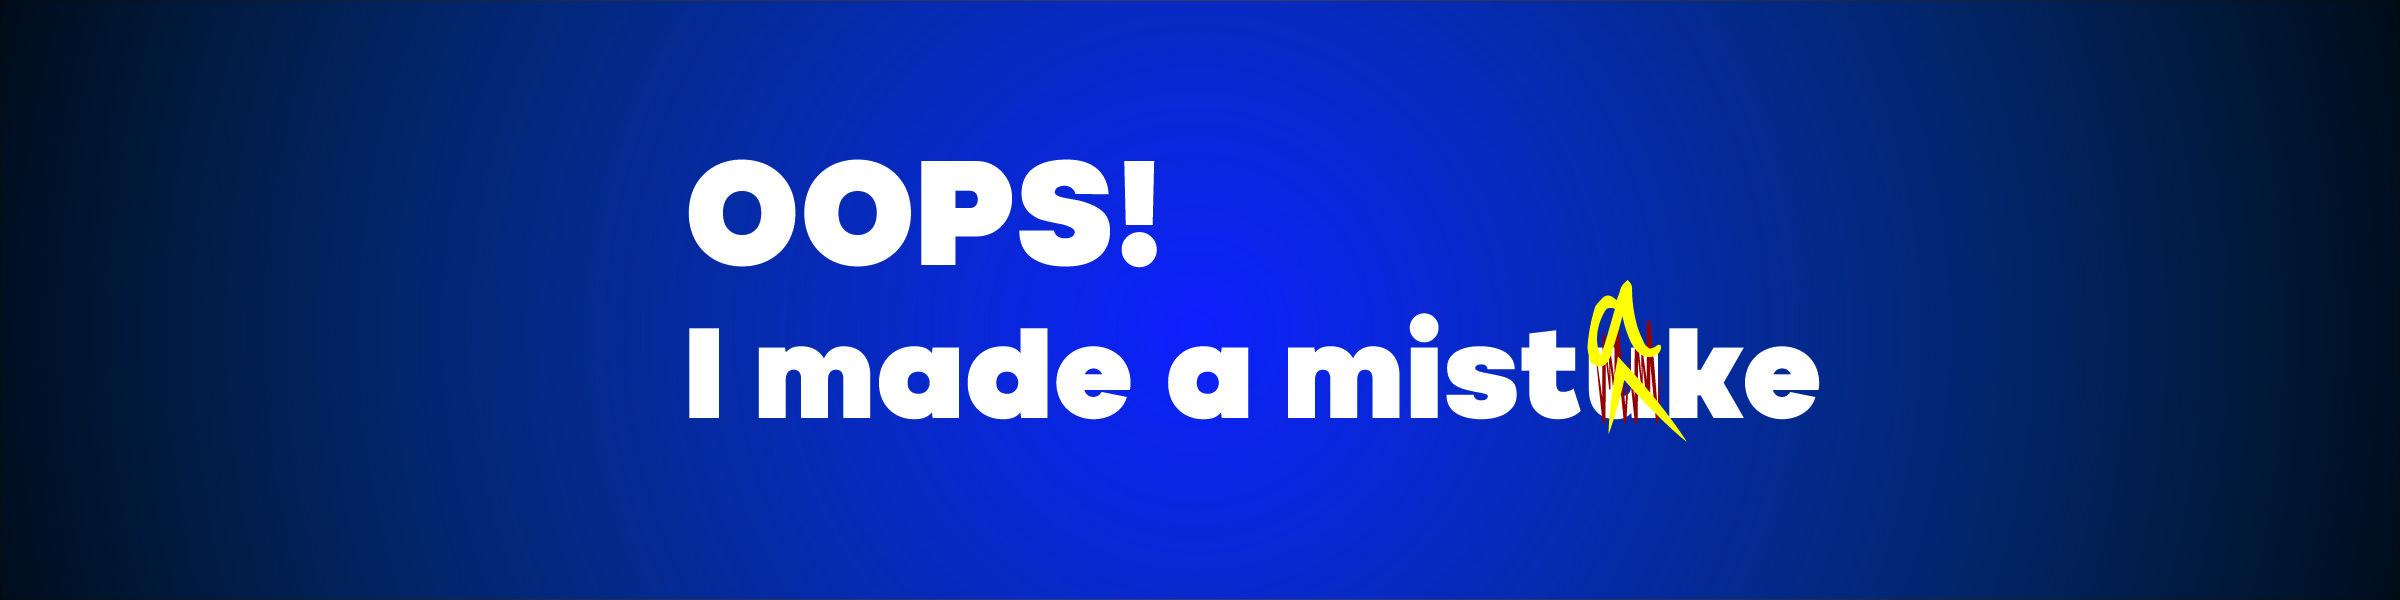 OOPS Title Slide.jpg